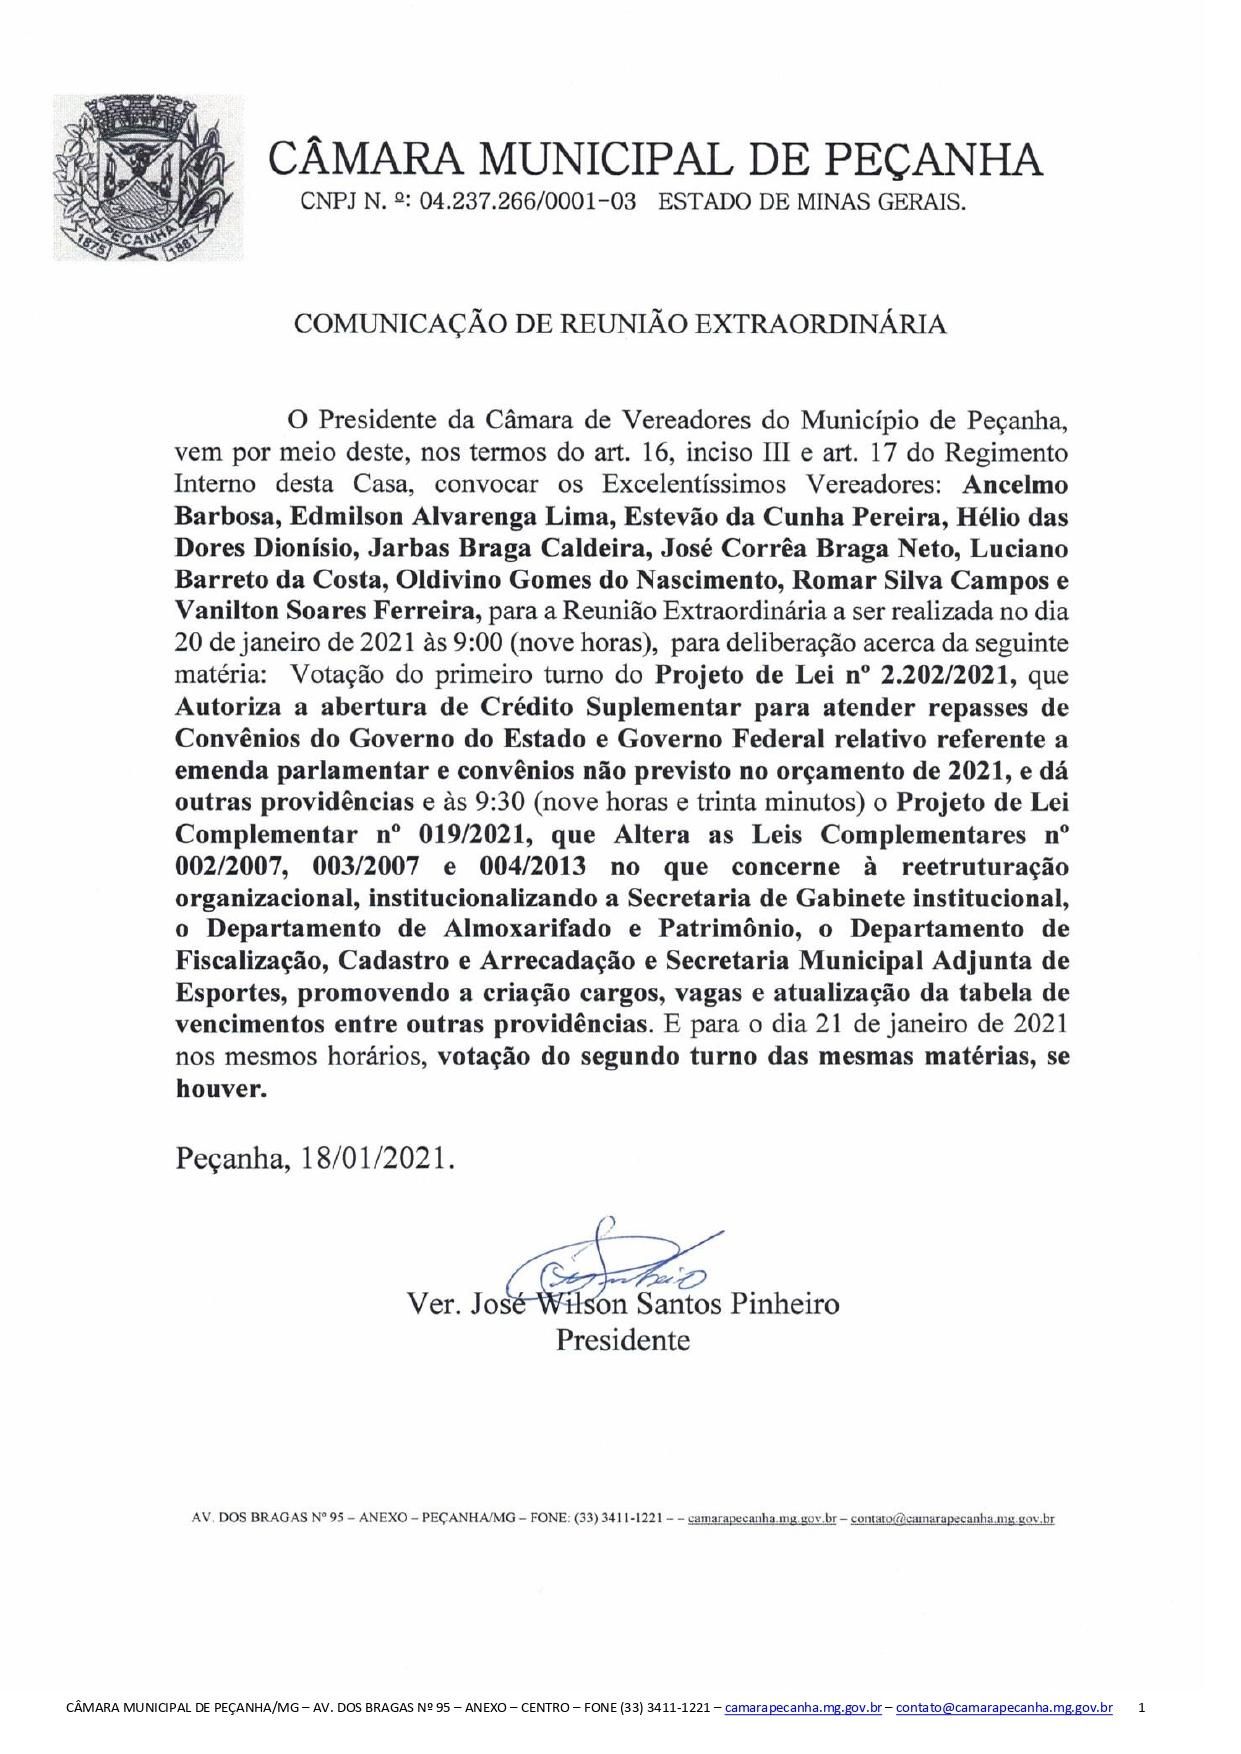 COMUNICAÇÃO DE REUNIÃO EXTRAORDINÁRIA